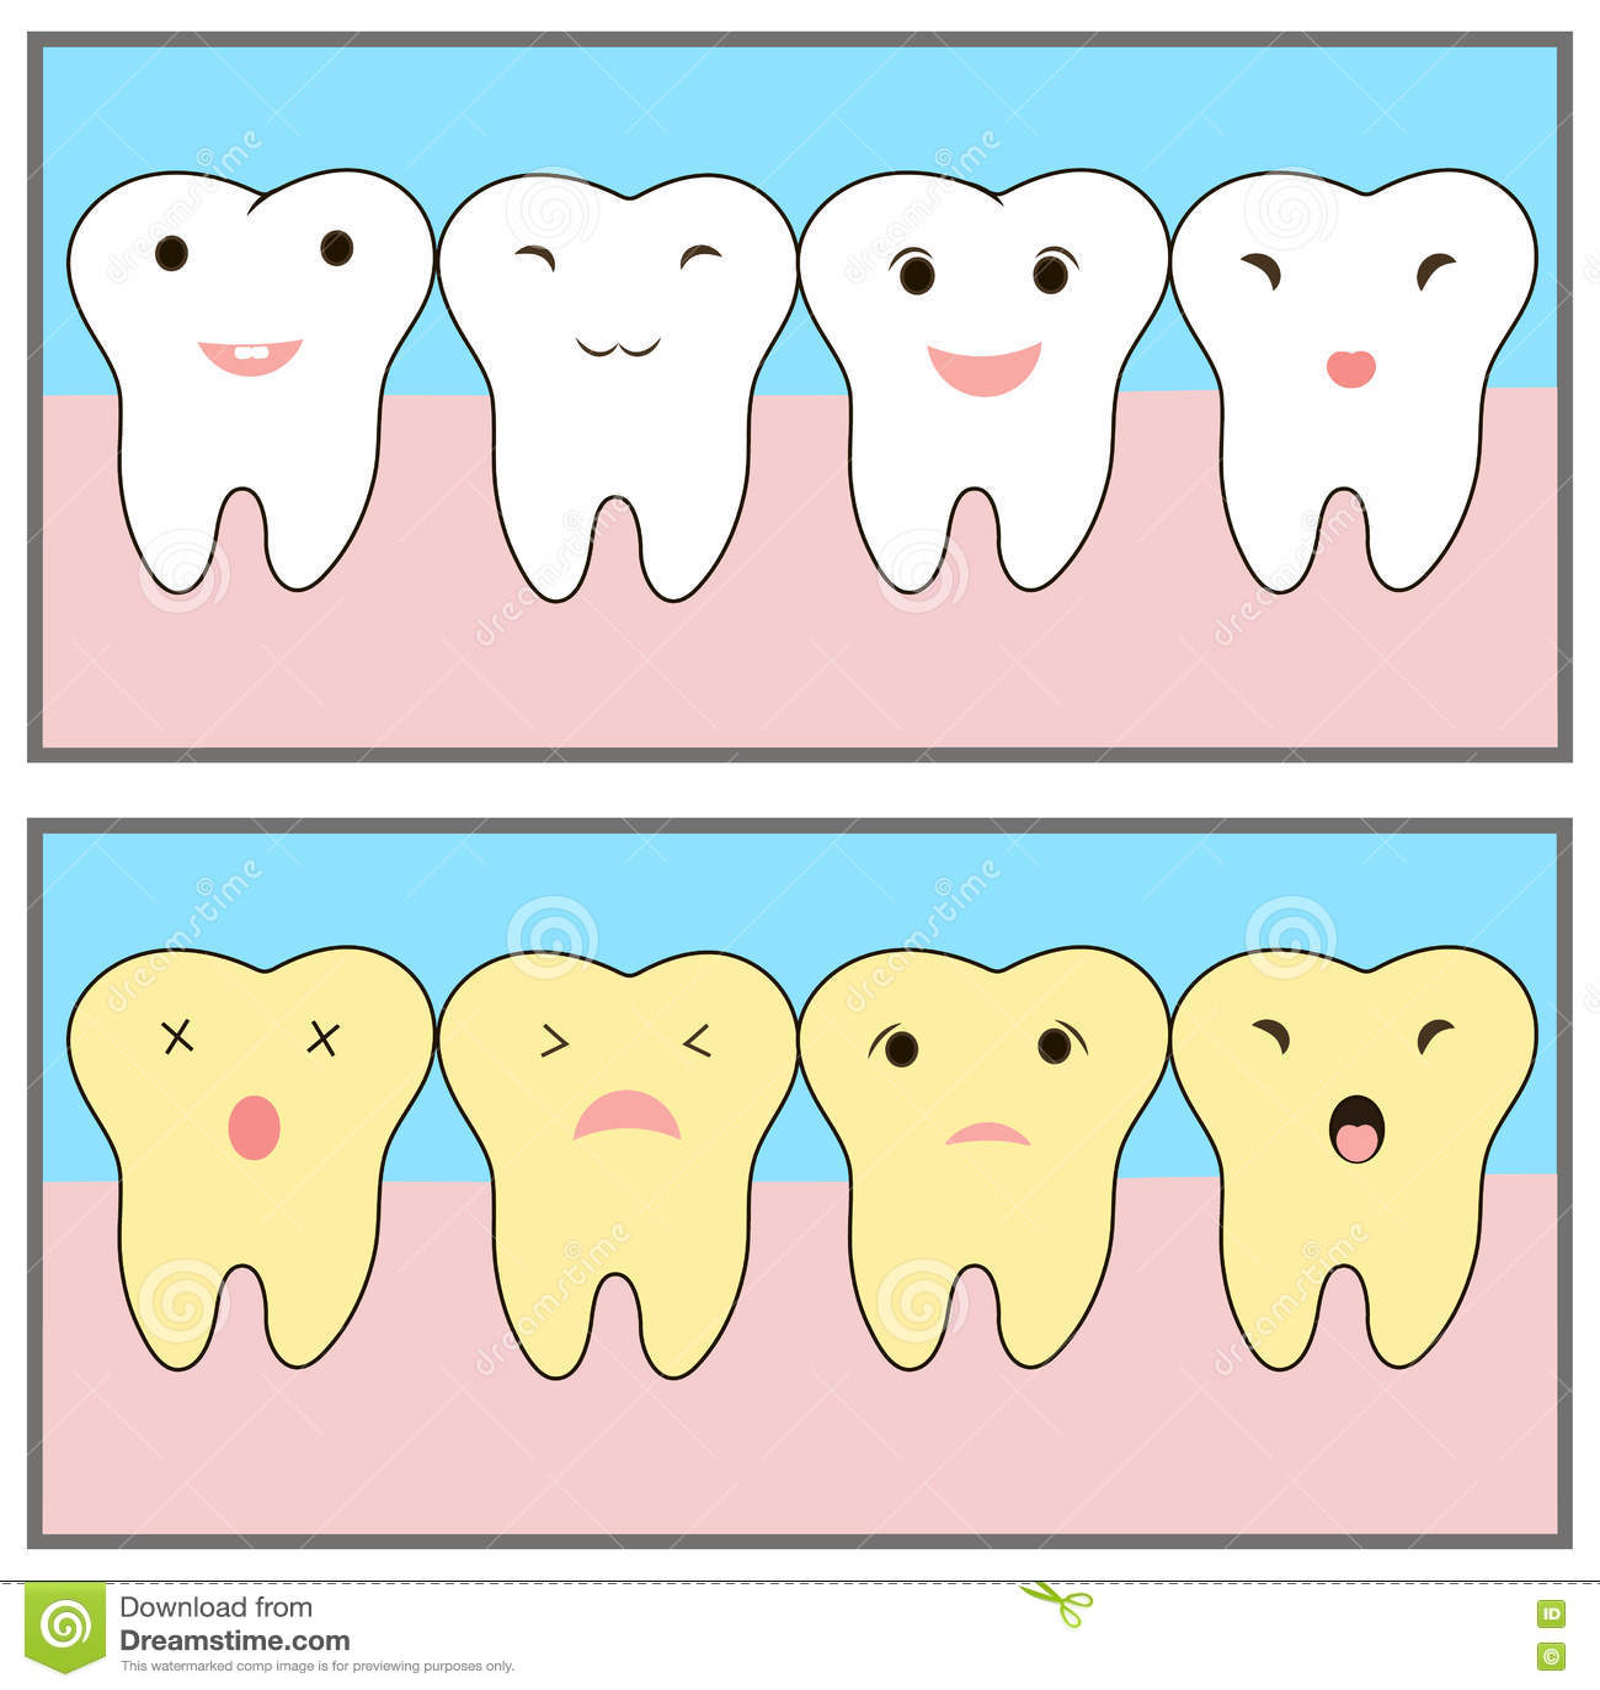 Δόντια που λευκαίνουν πριν και μετά από το παράδειγμα χαρακτήρες χαριτωμένοι συγκινήσεις αστείες